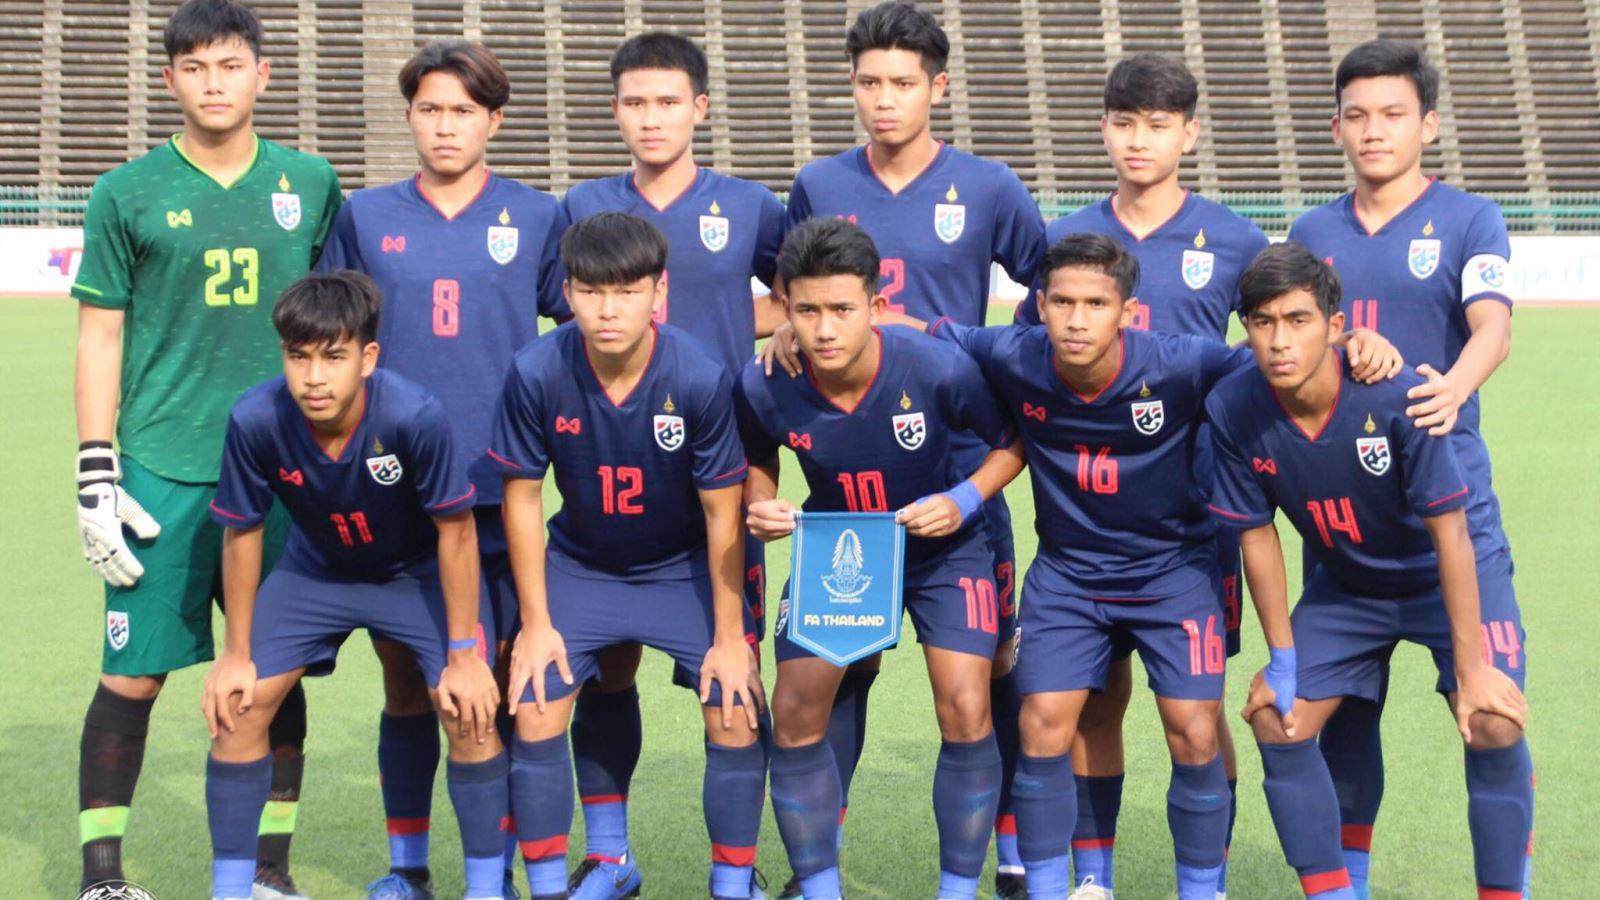 truc tiep bong da hom nay, U19 Nhật Bản đấu với U19 Việt Nam, trực tiếp bóng đá, U19 châu Á 2019, VTV6, HTV, xem bóng đá trực tuyến, U-19 Việt Nam vs U-19 Nhật Bản, BĐTV